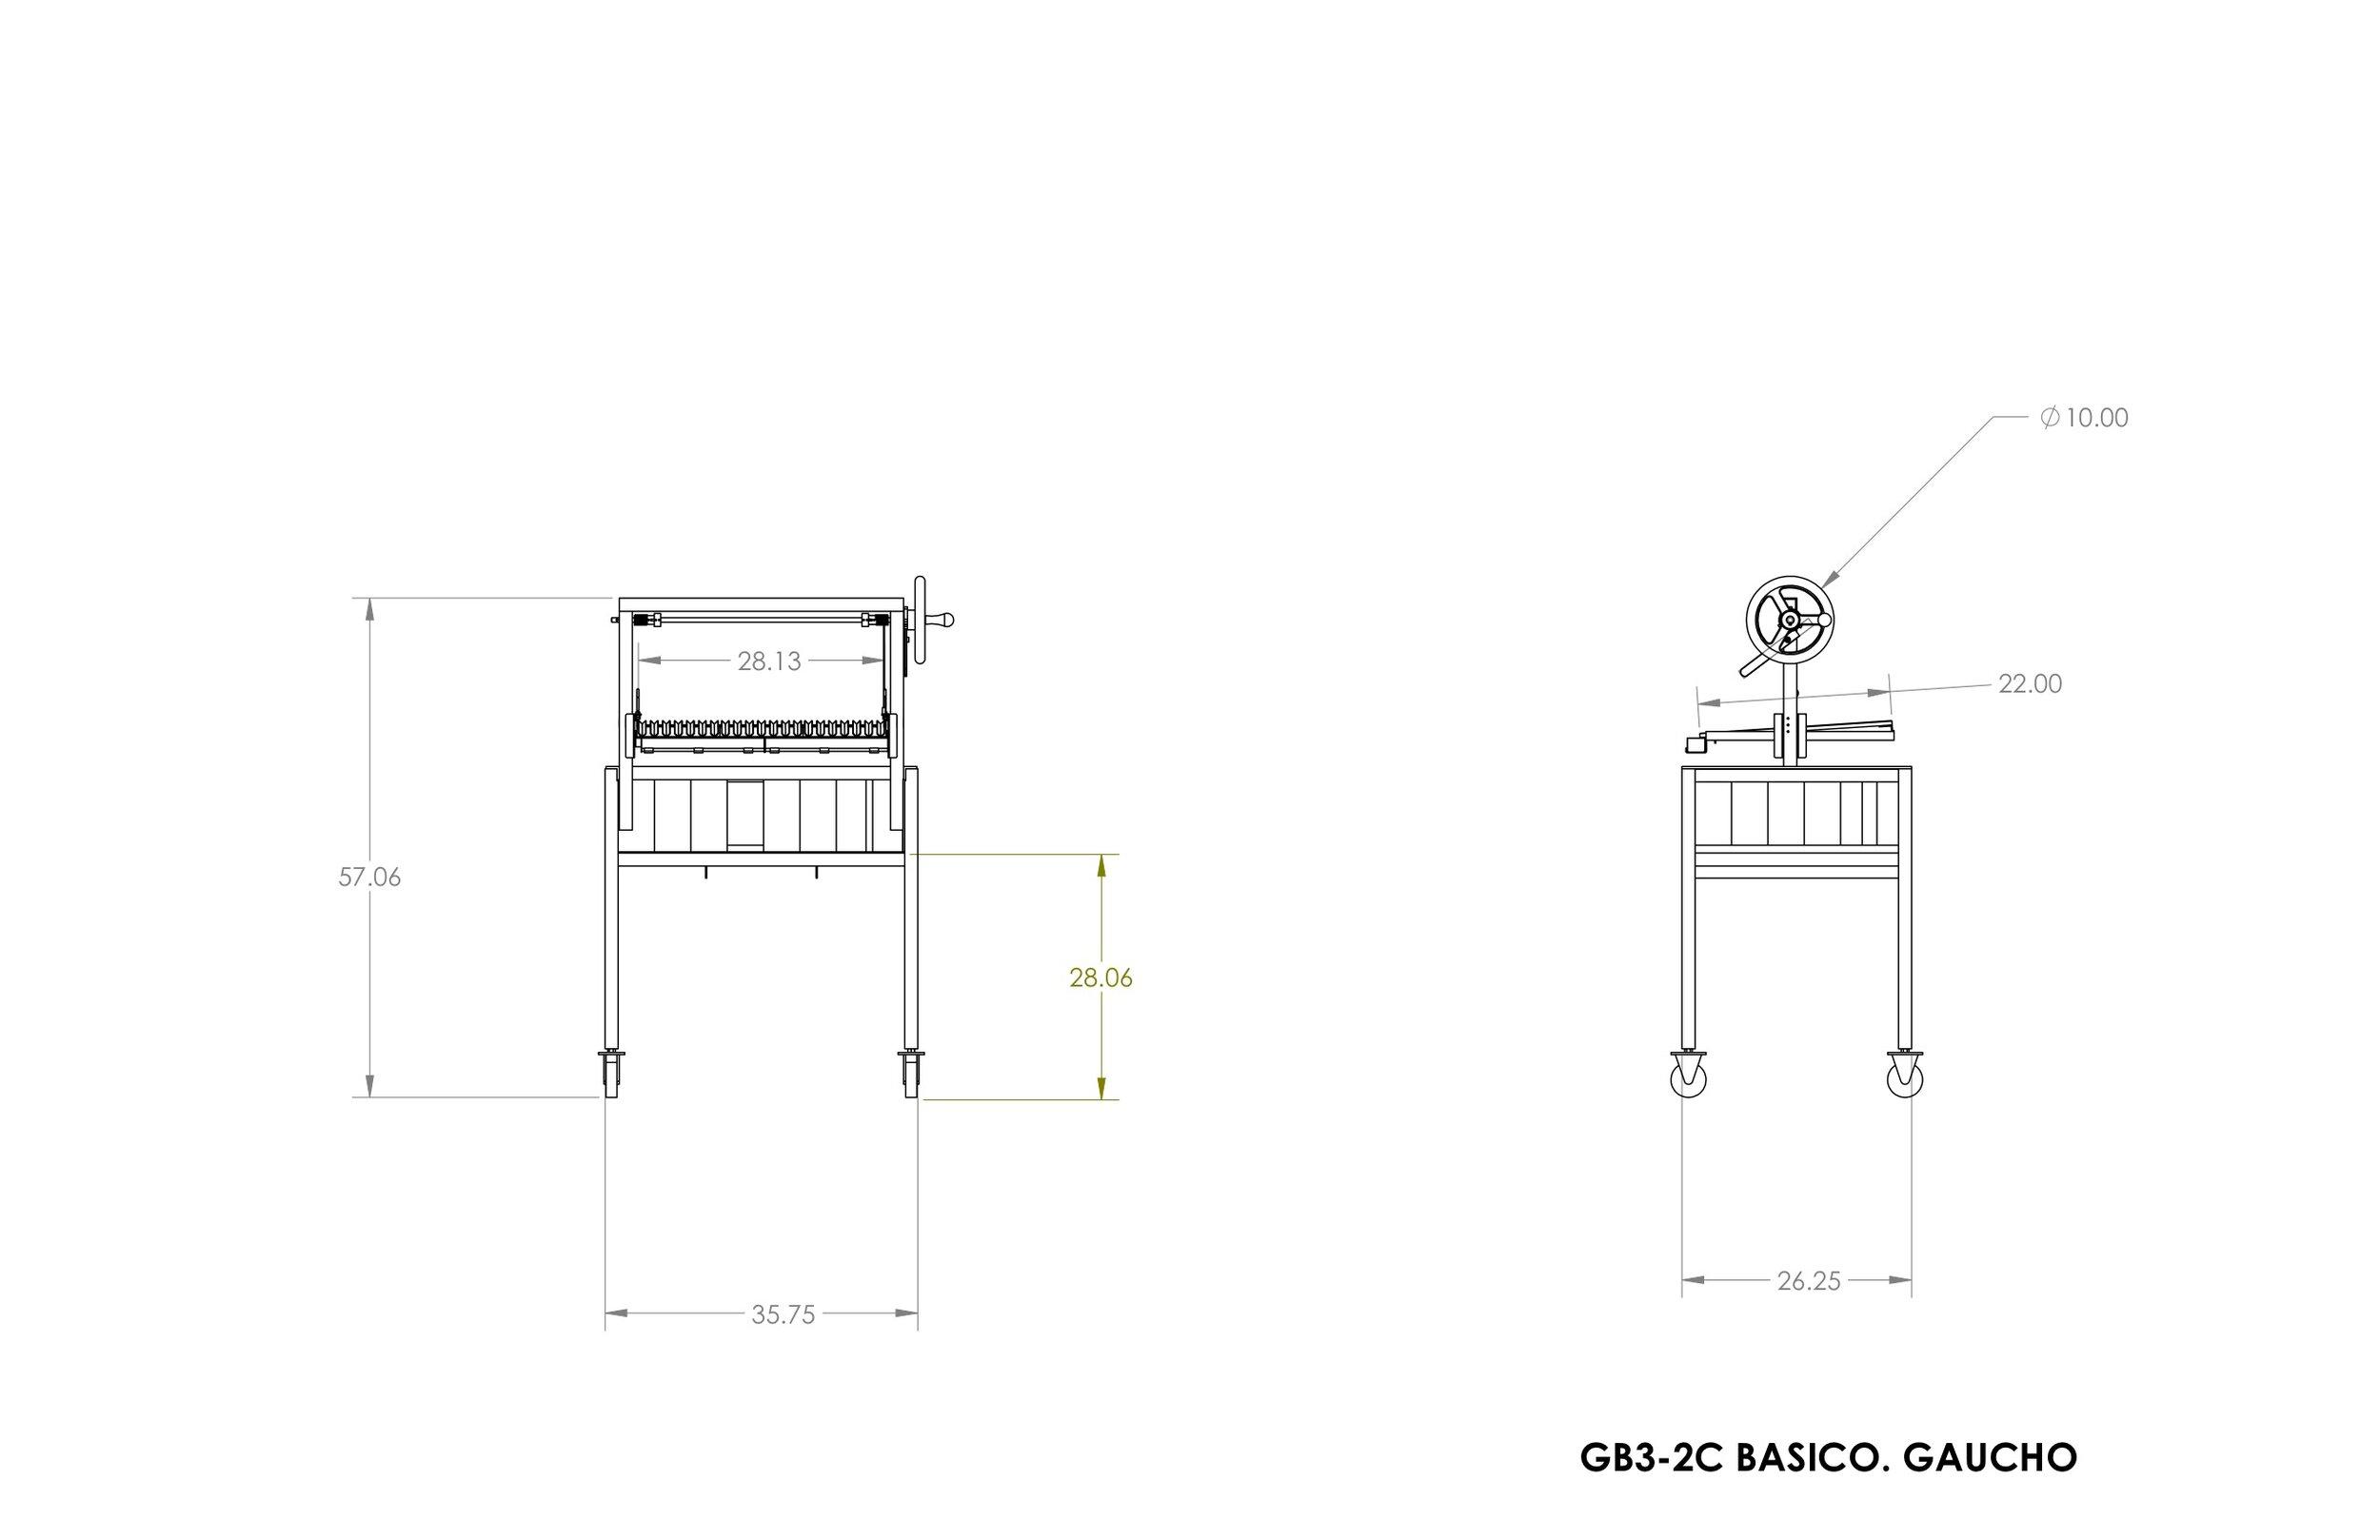 GB3-2C BASICO, GAUCHO.jpg